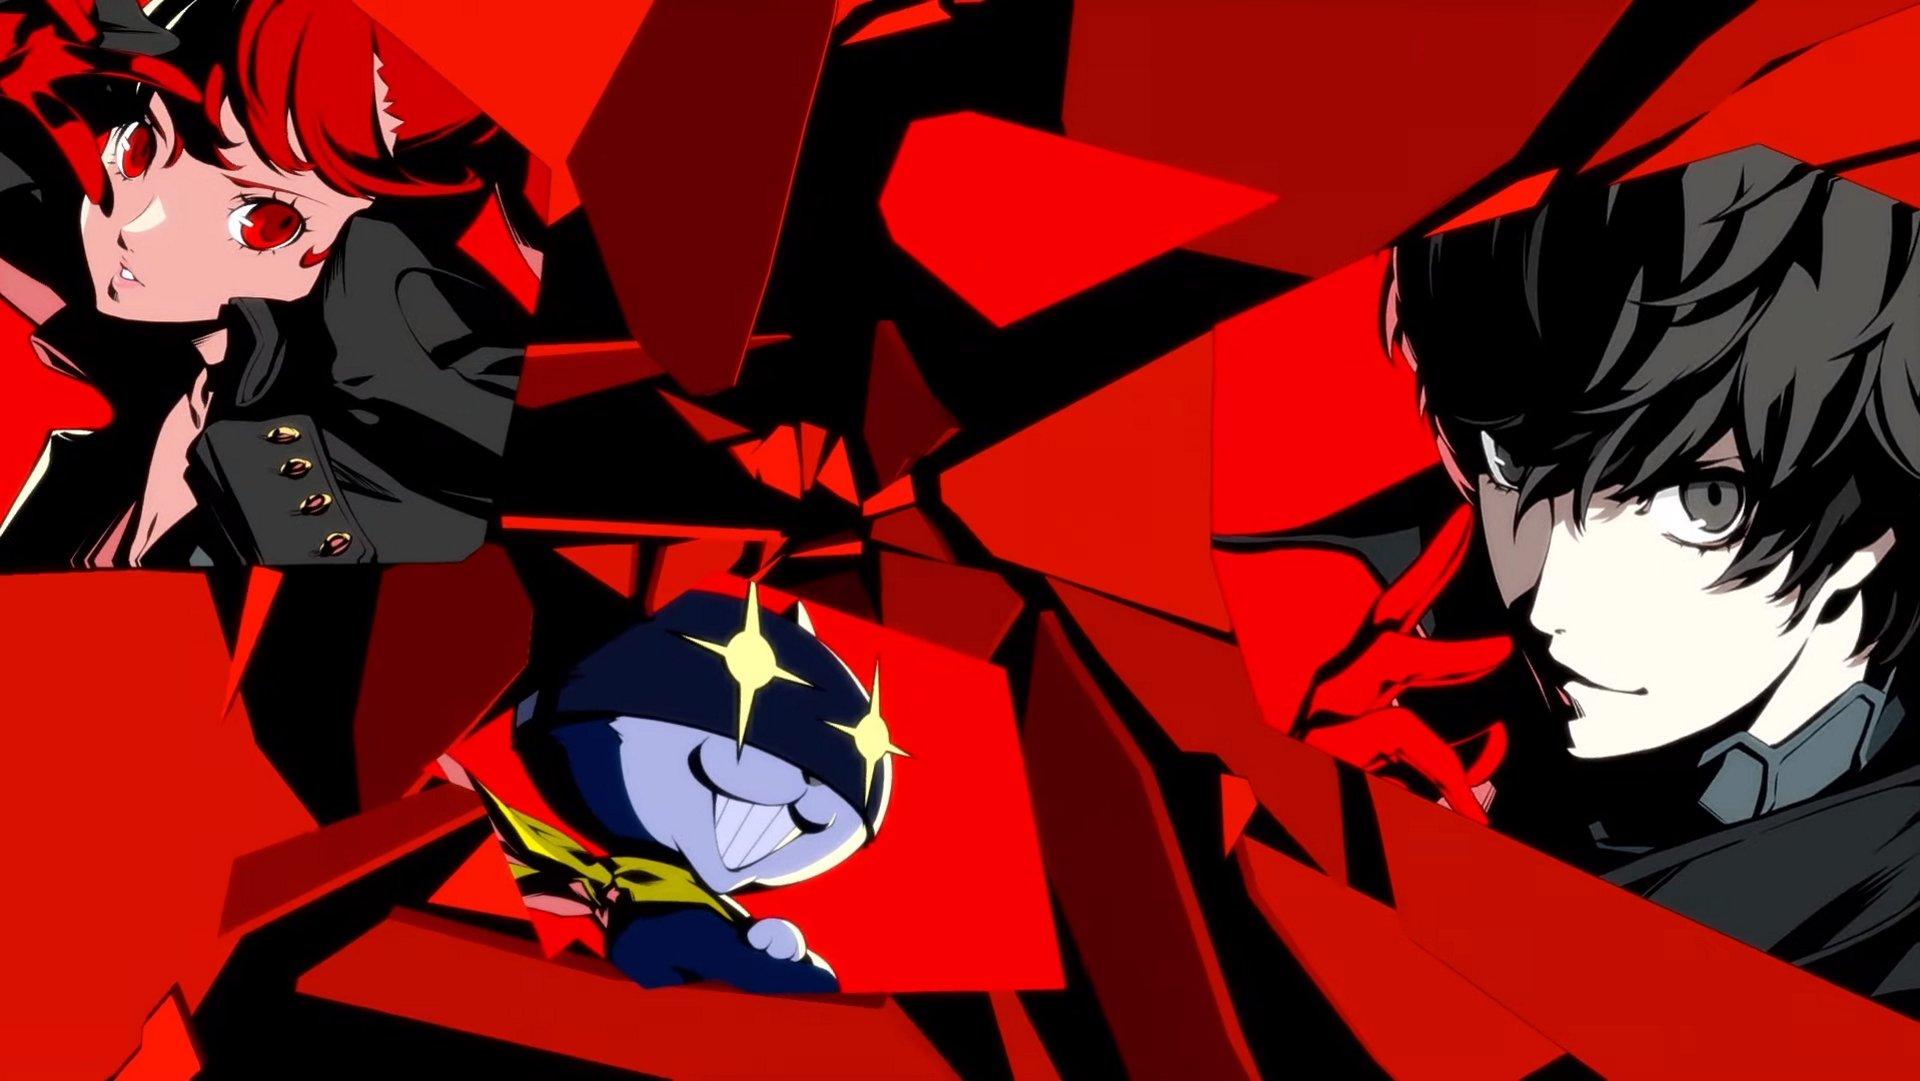 Atlus n'a pas de projets pour la sortie de Persona 5 Royal Switch